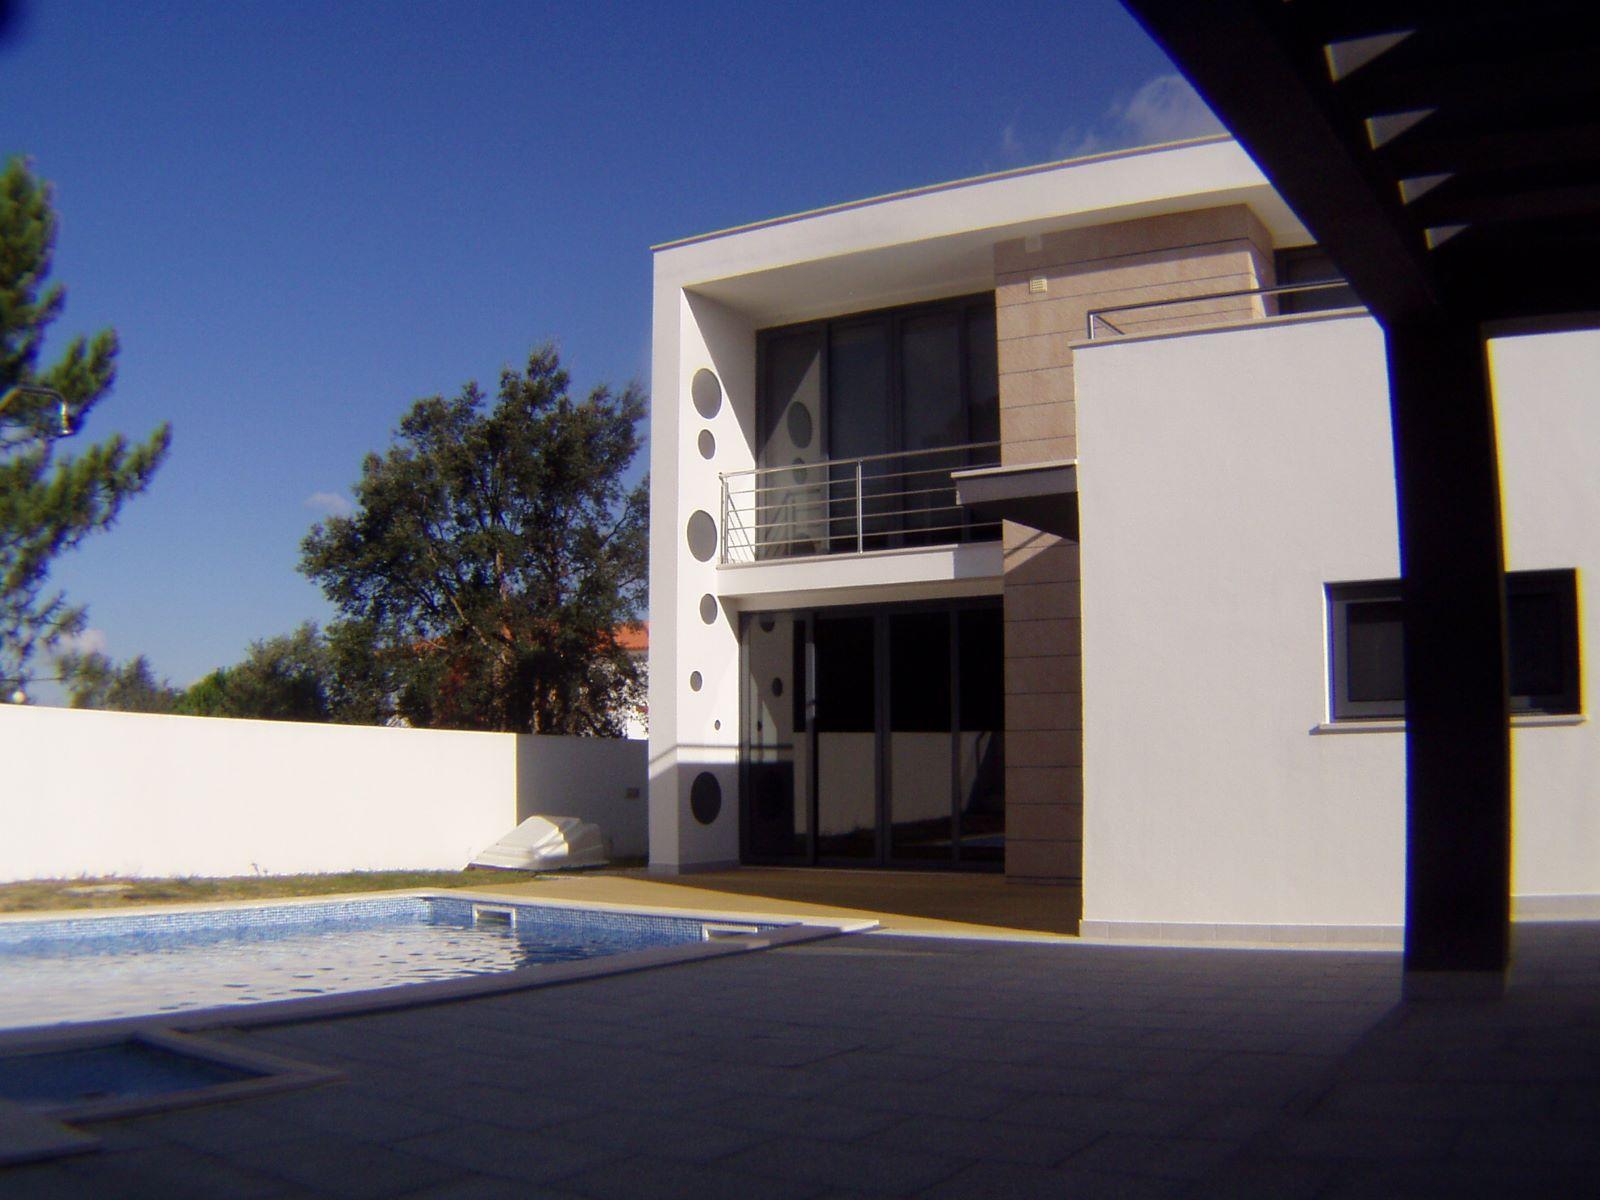 Moderne villa mit 4 schlafzimmern in azeitão zum verkauf das 2 stöckige haus besteht aus 4 schlafzimmern 1 ensuite 3 bäder terrasse küche und einem